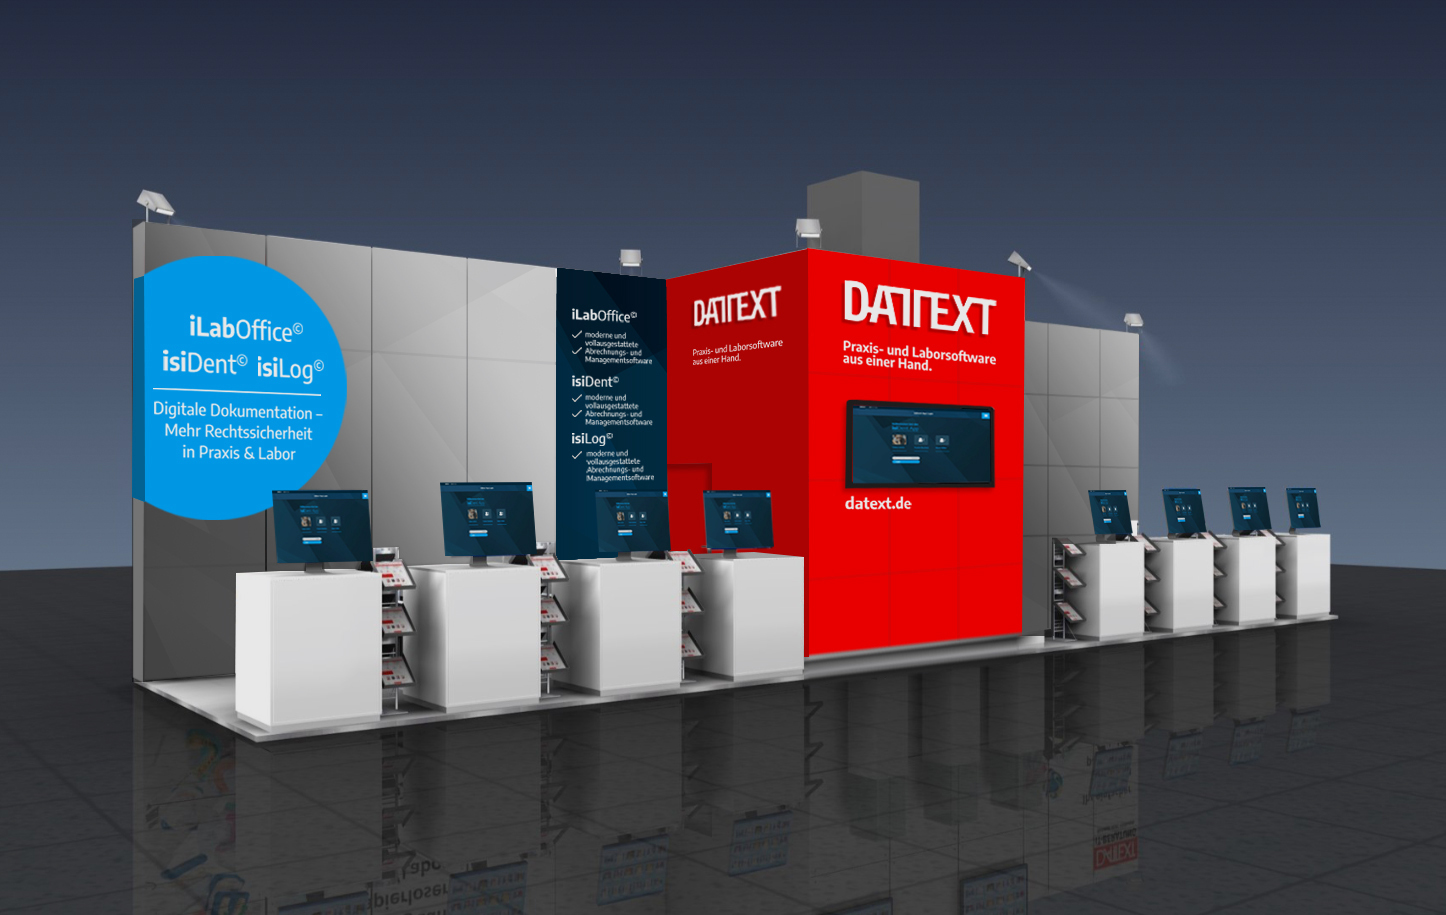 VDDS Frühjahrsmesse 2021 - Messestand der DATEXT GmbH